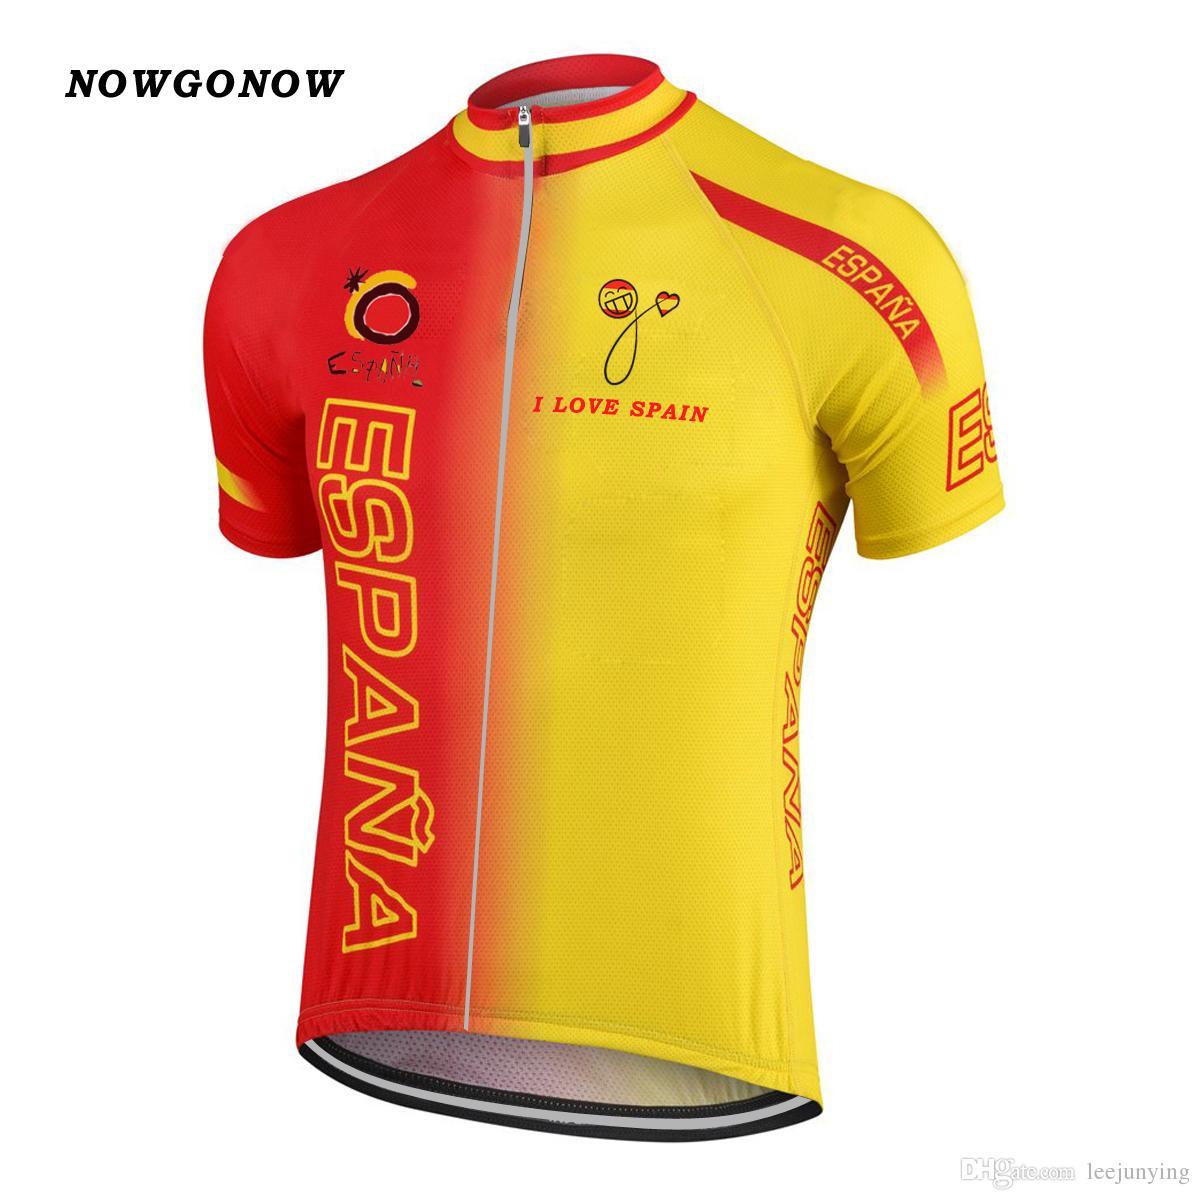 Мужчины 2017 Испания национальная команда велоспорт Джерси комплект велосипед одежда носить желтый красный национальная команда Майо ciclismo нагрудник гель pad шорты